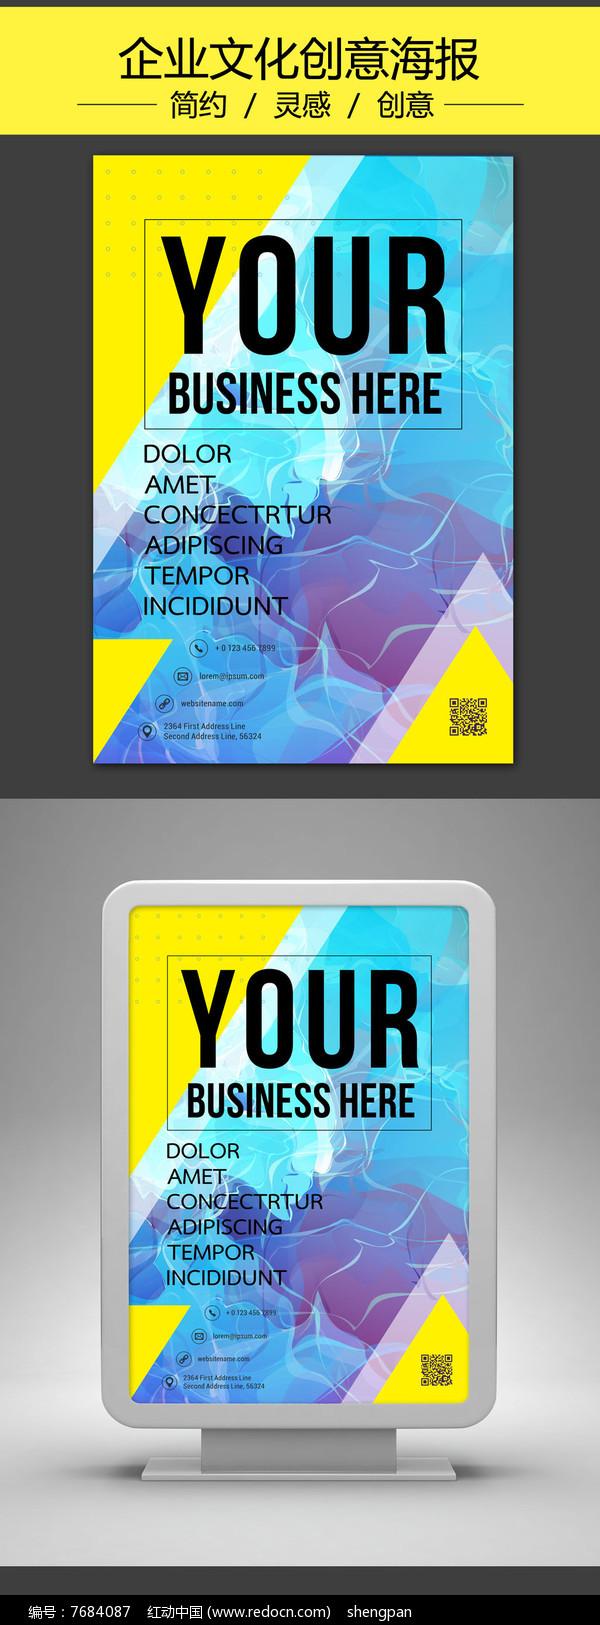 时尚企业文化创意版式海报图片